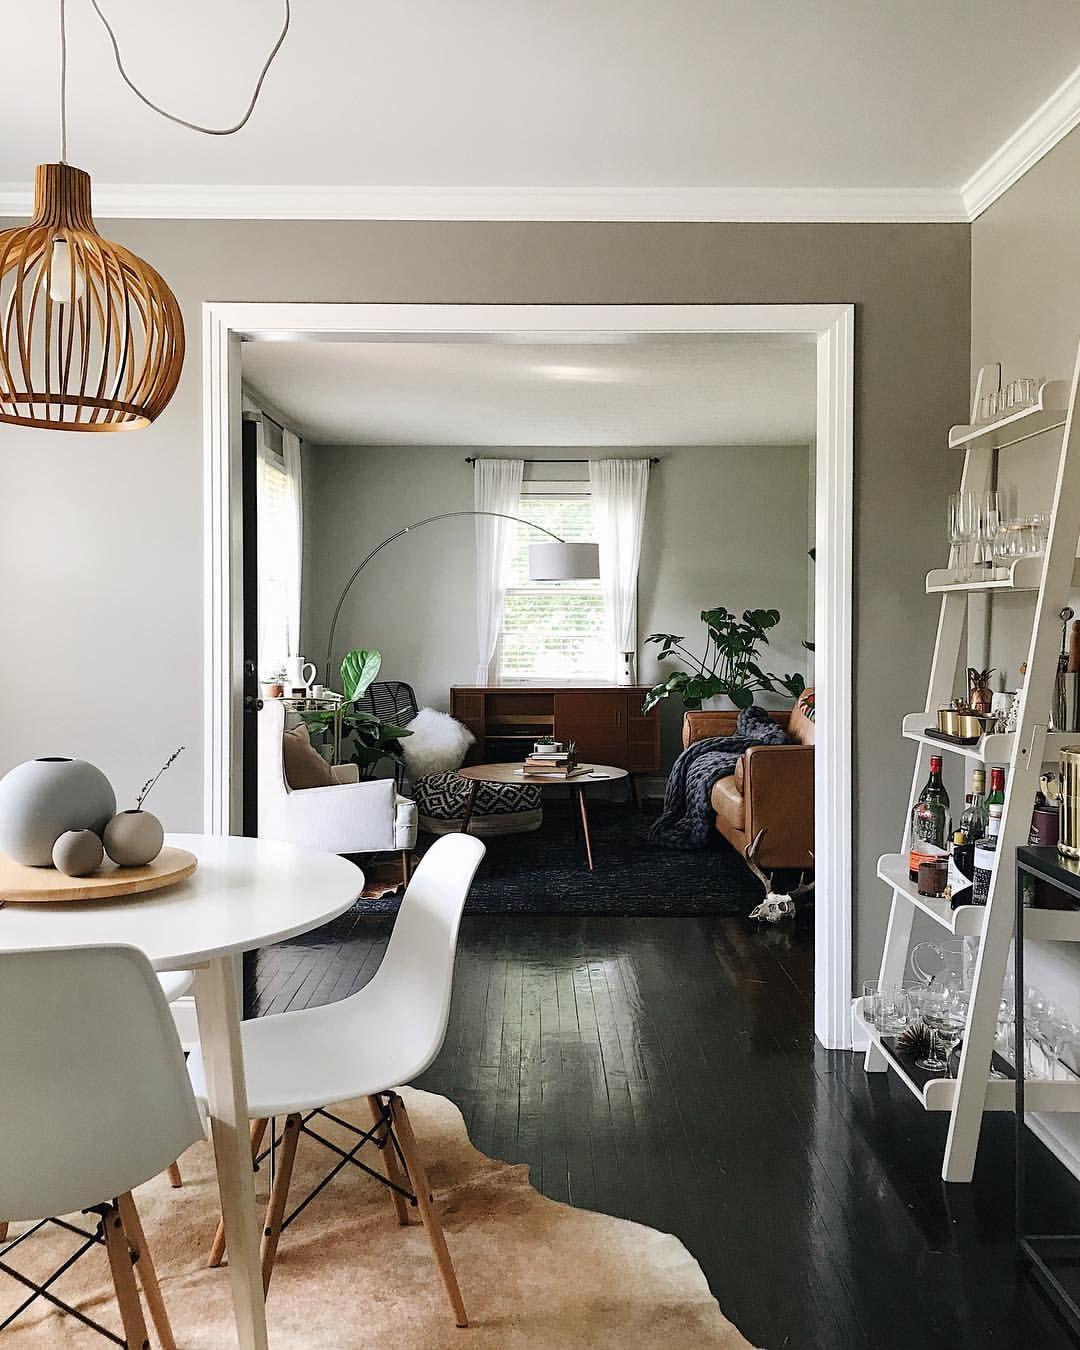 Pin von Stephanie Torres auf Home is Where The Heart Is | Pinterest ...